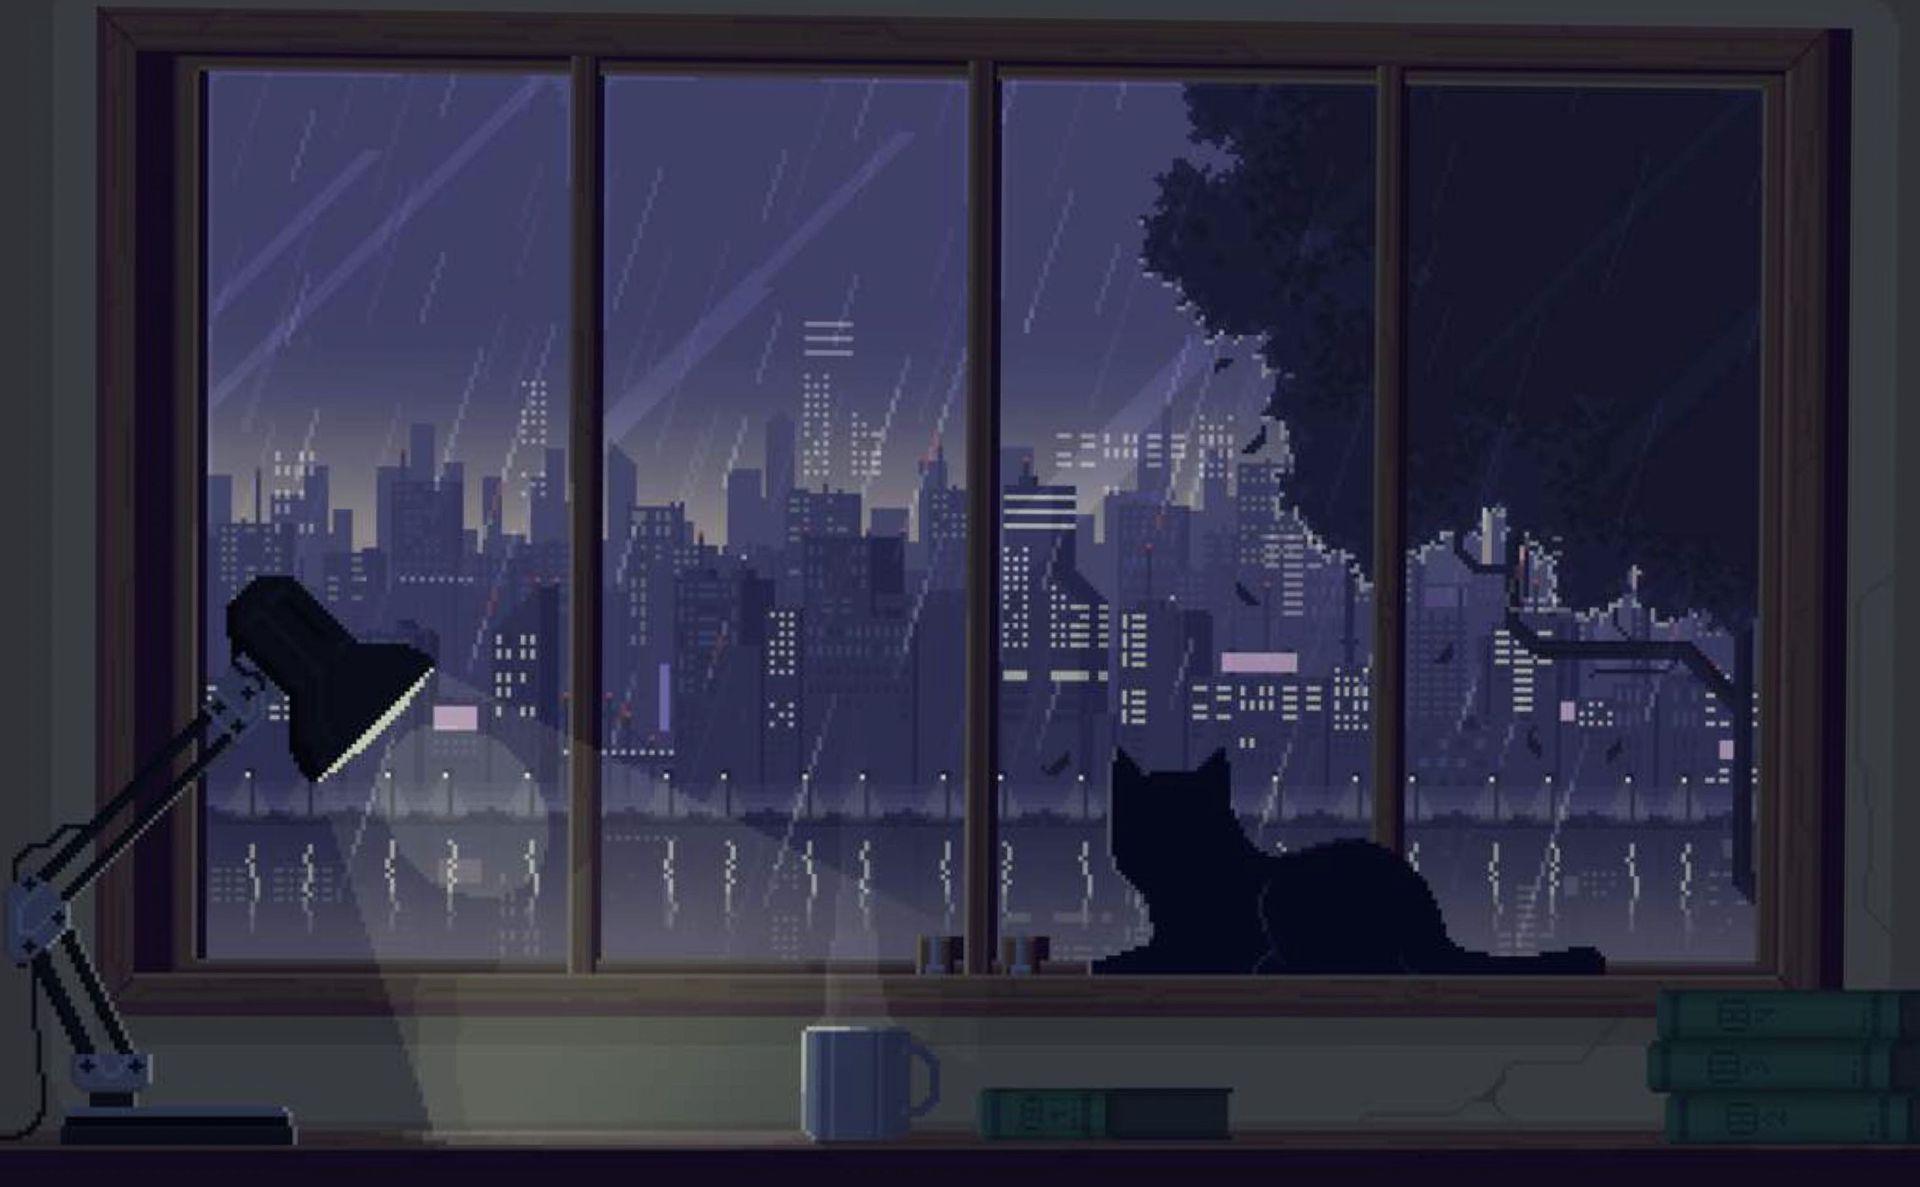 Macbook Air Wallpaper Anime Wallpaper Download Anime Computer Wallpaper Anime Wallpaper